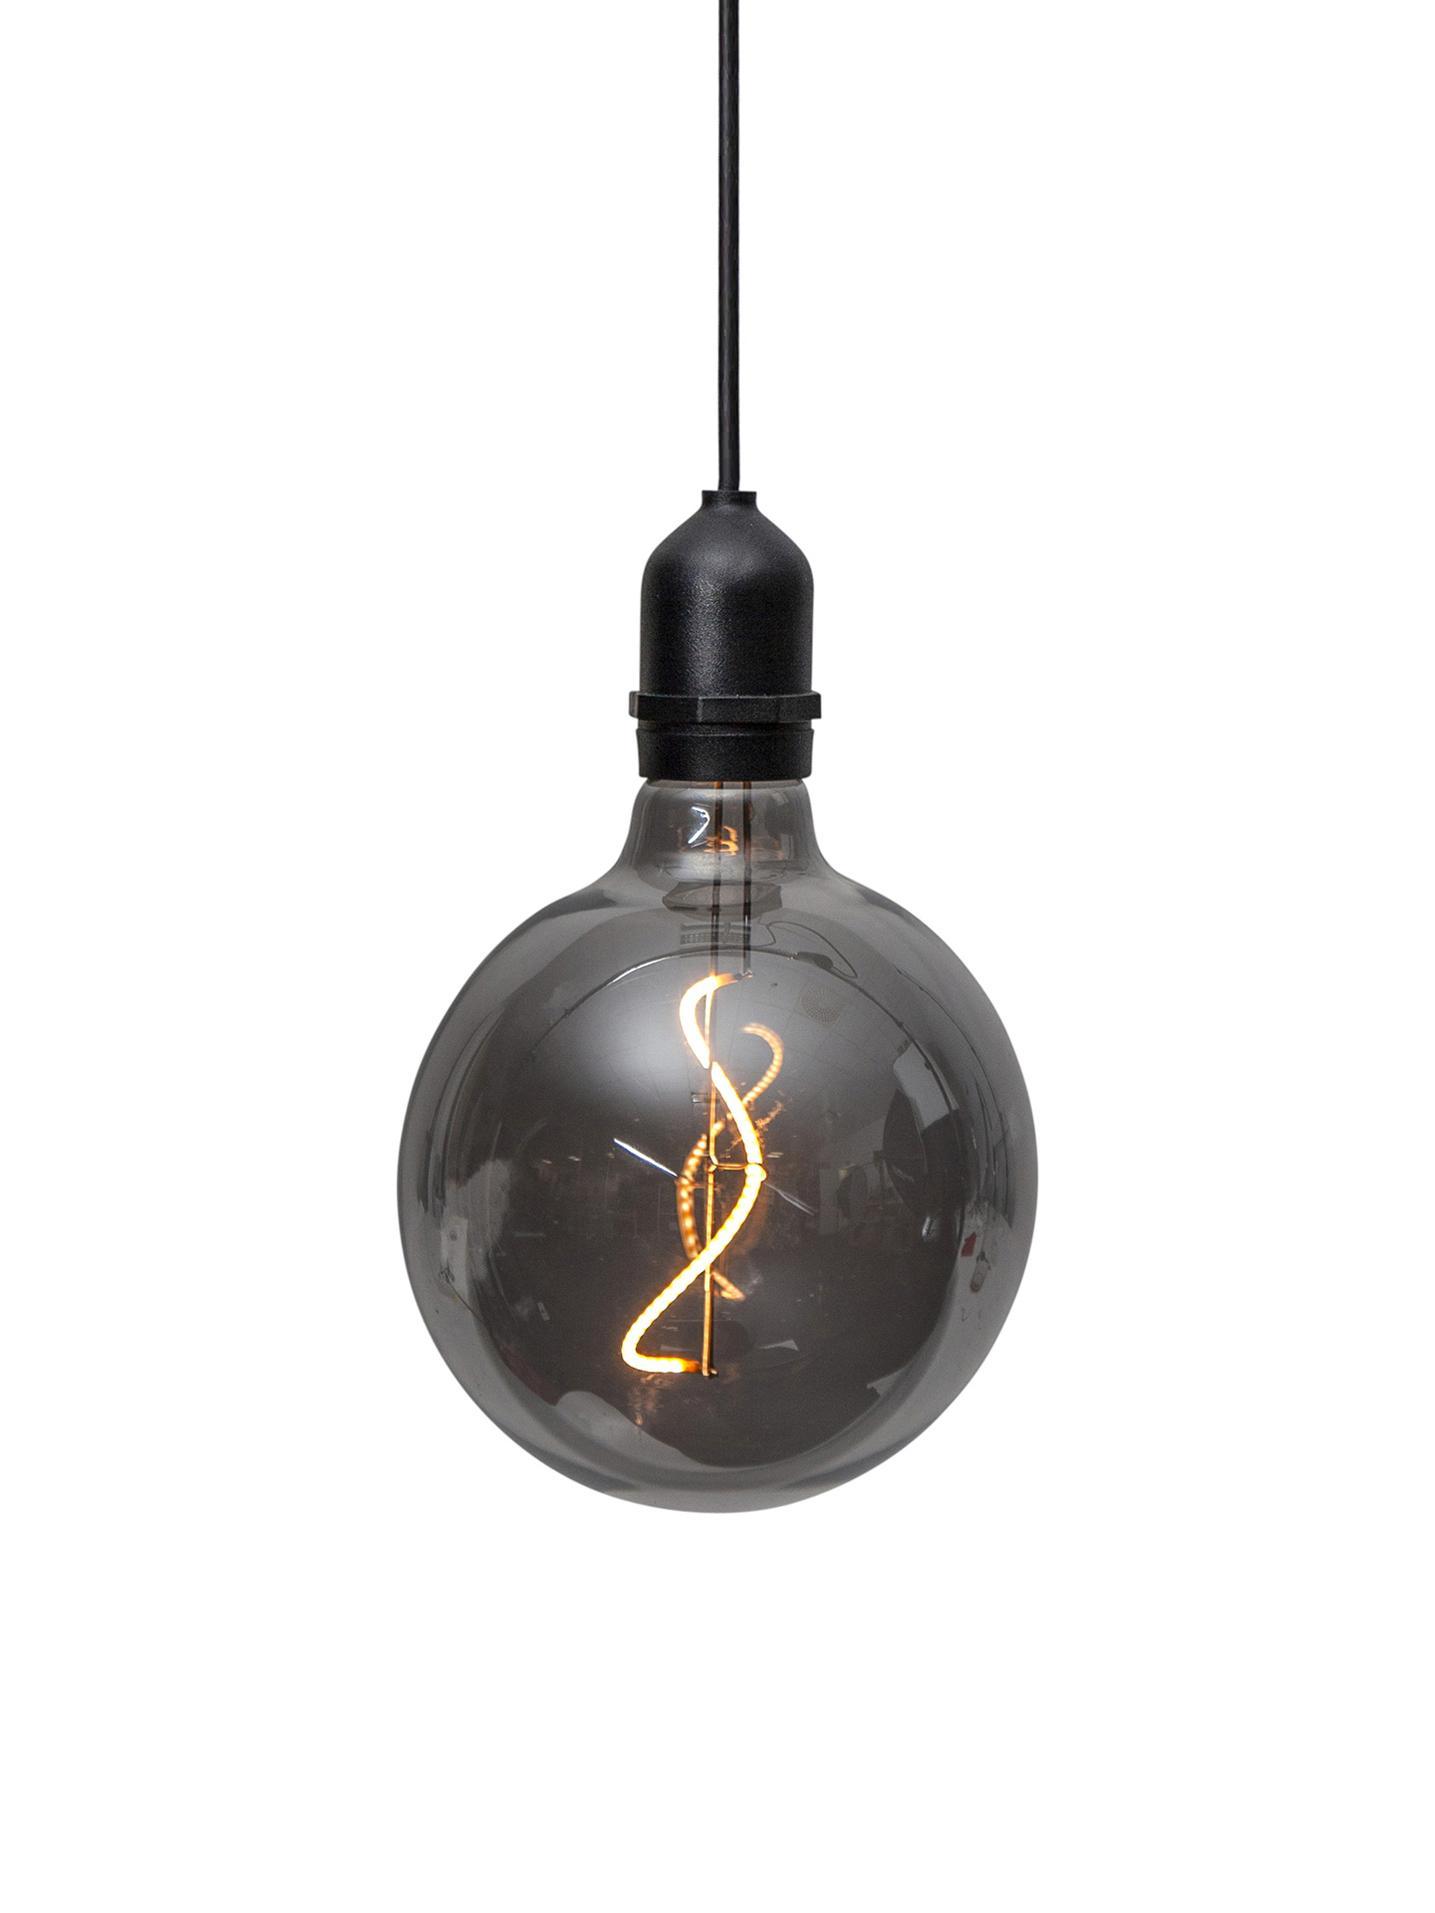 Lampa zewnętrzna LED Bowl, Ciemny szary, transparentny, czarny, Ø 13 x W 18 cm